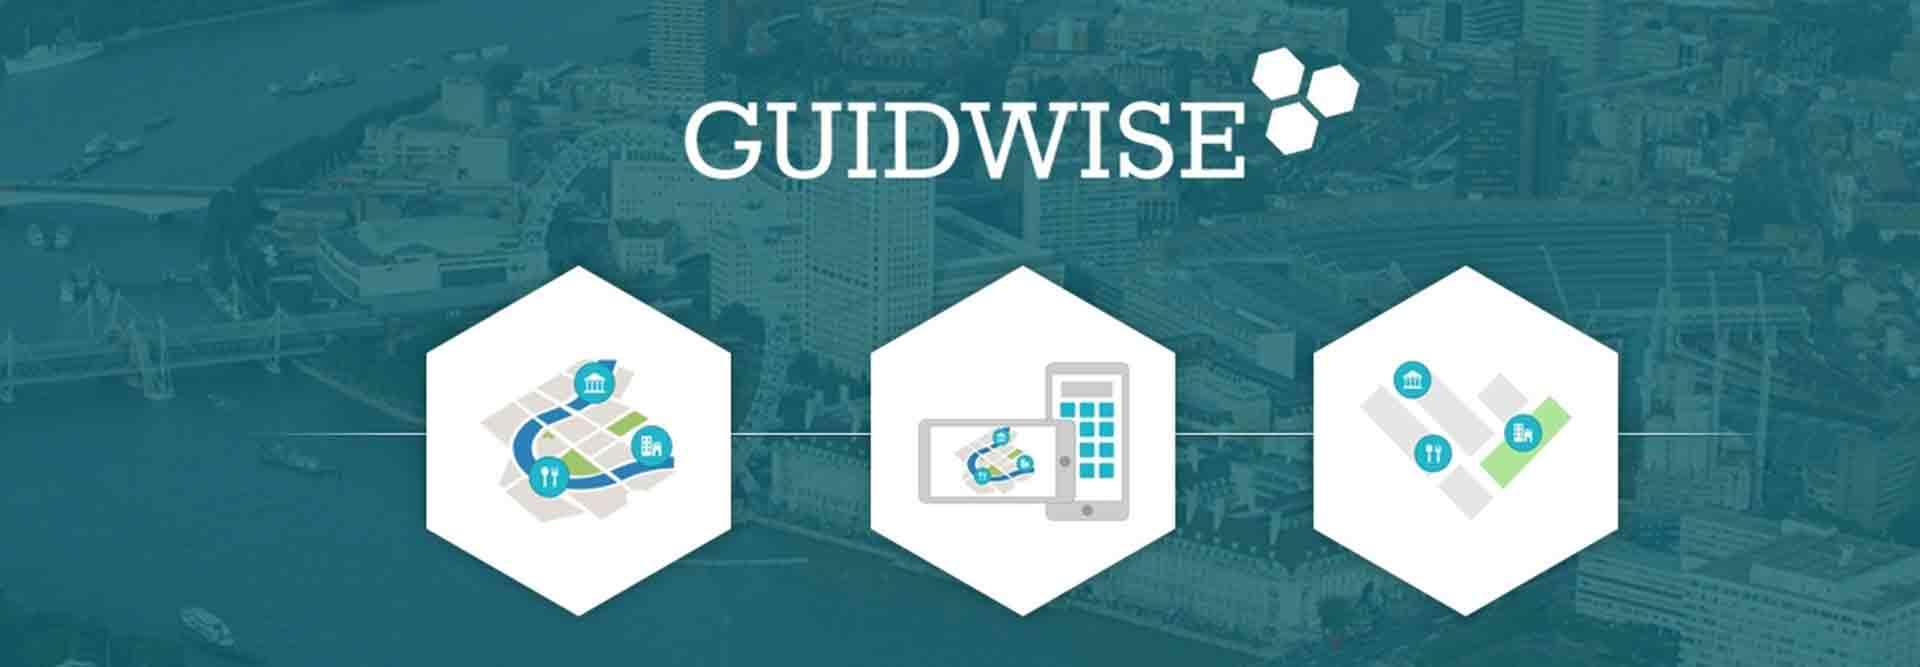 guidewise-ban